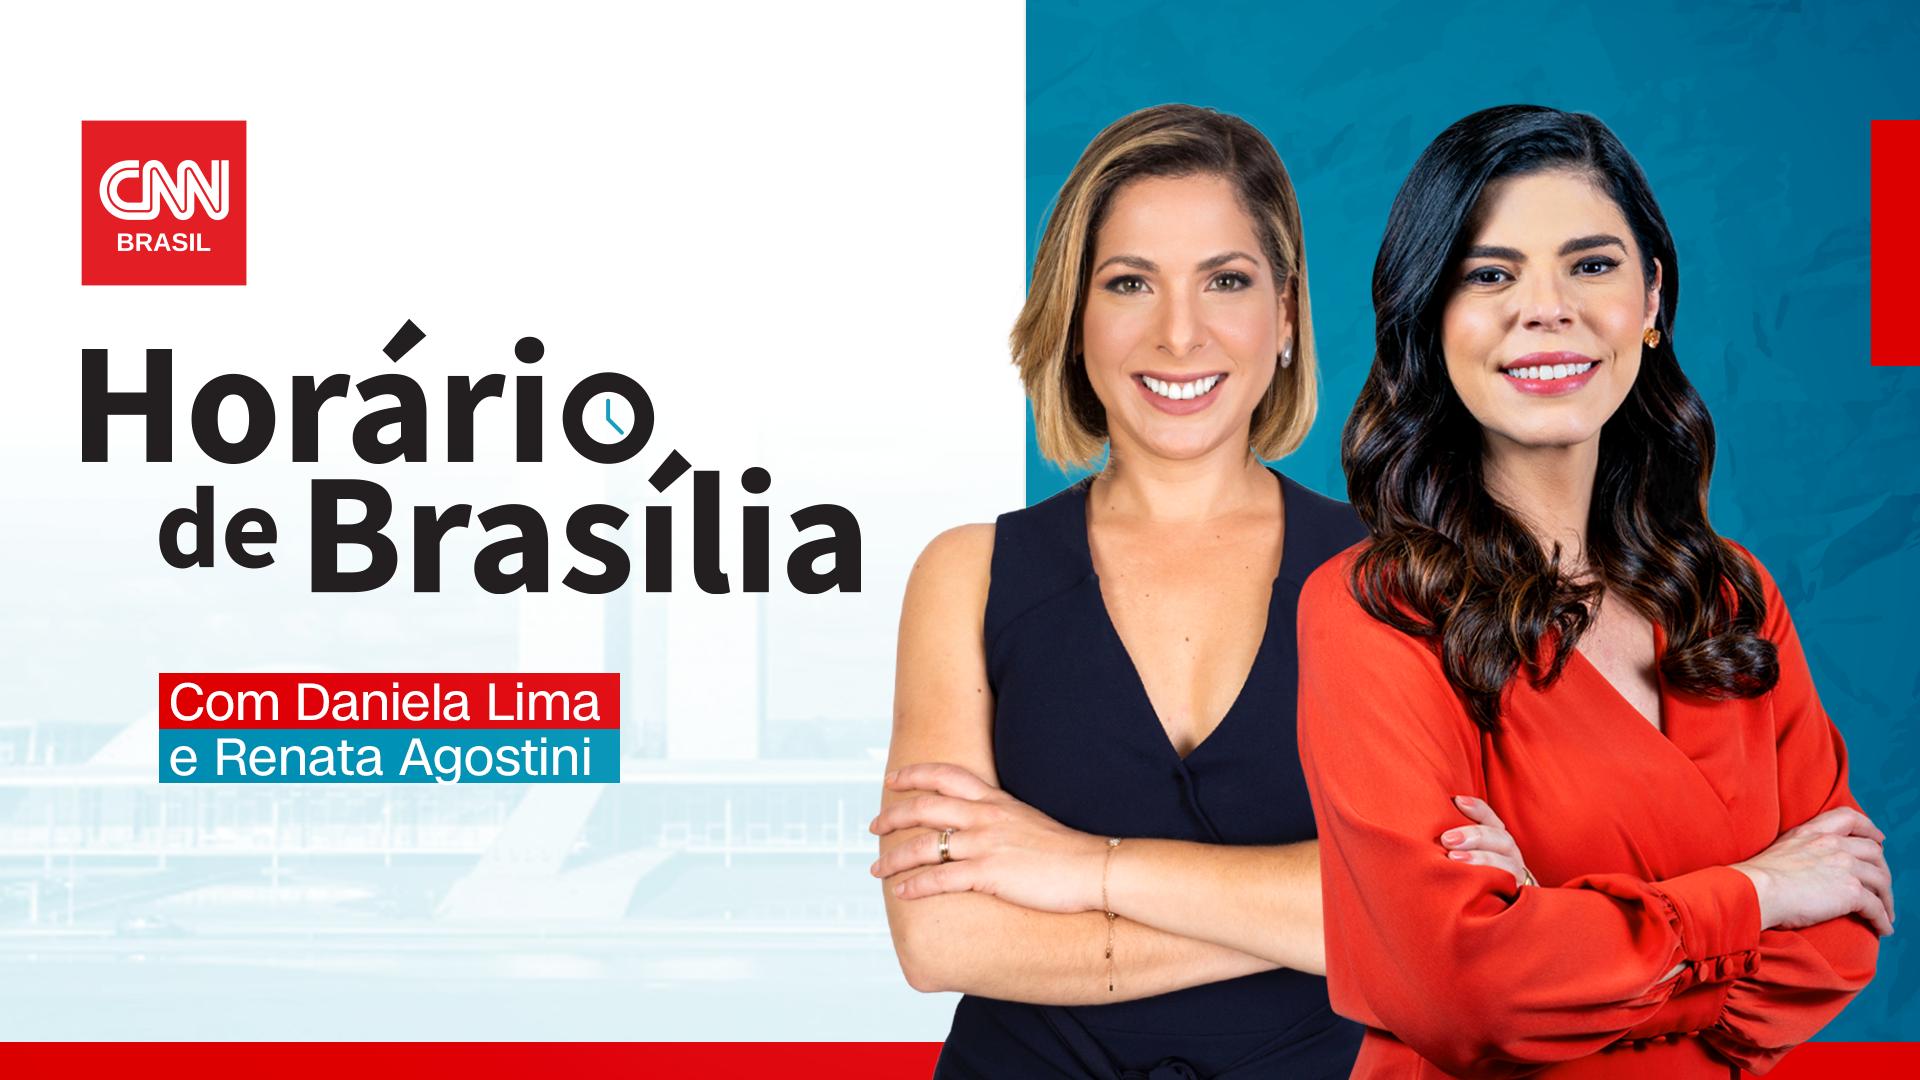 Nova temporada do Horário de Brasília